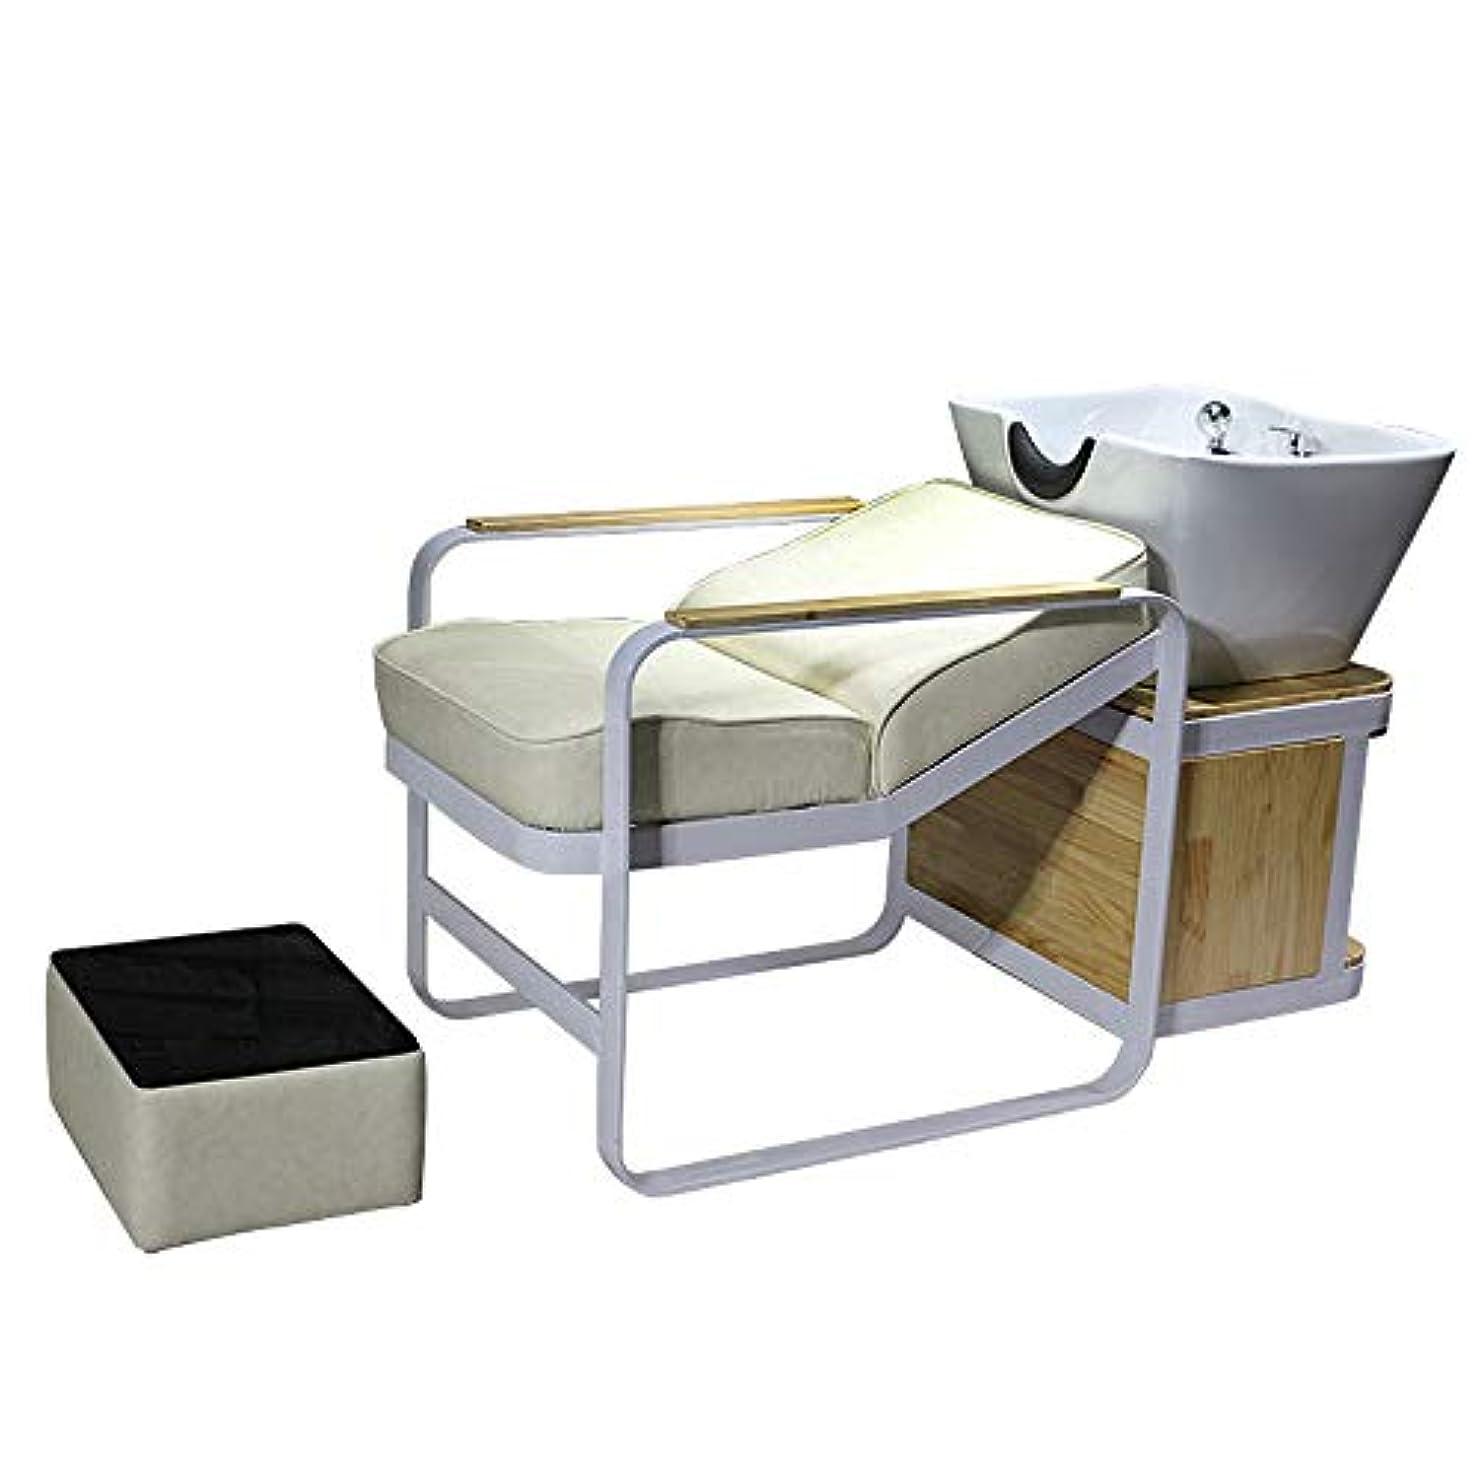 連邦測定可能拡散するシャンプーチェア、逆洗ユニットシャンプーボウル理髪シンクシンクチェア用スパ美容院機器用半埋め込みフラッシュベッド